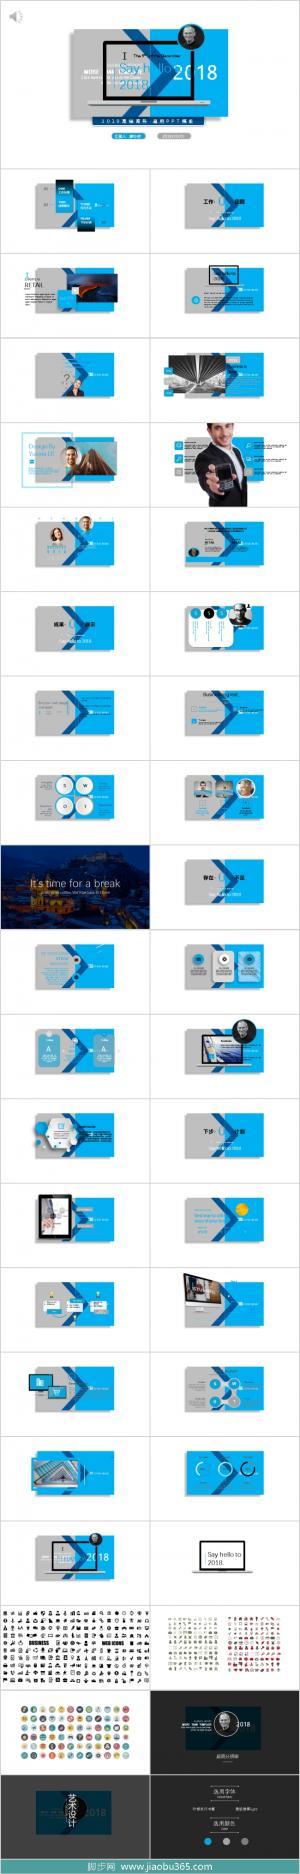 2018高端蓝商务风 创意设计通用PPT模板